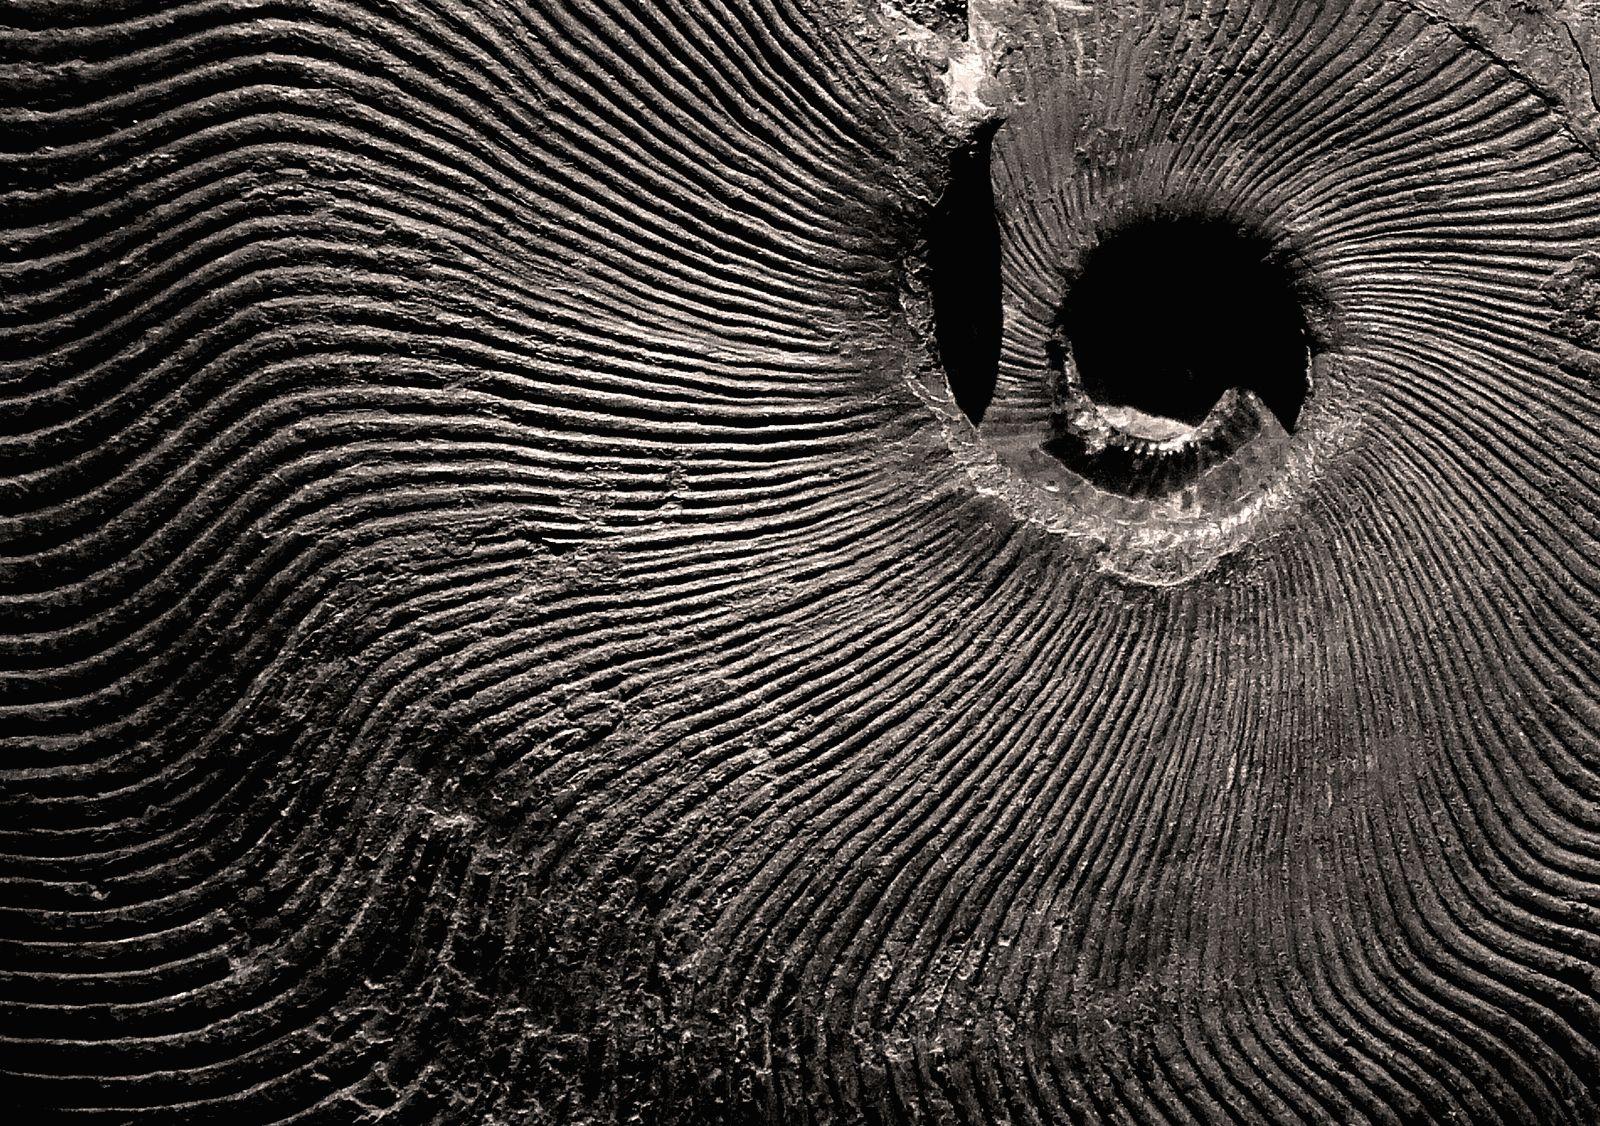 Аммонит (фото) — свойства, значение для человека и к кому подходит